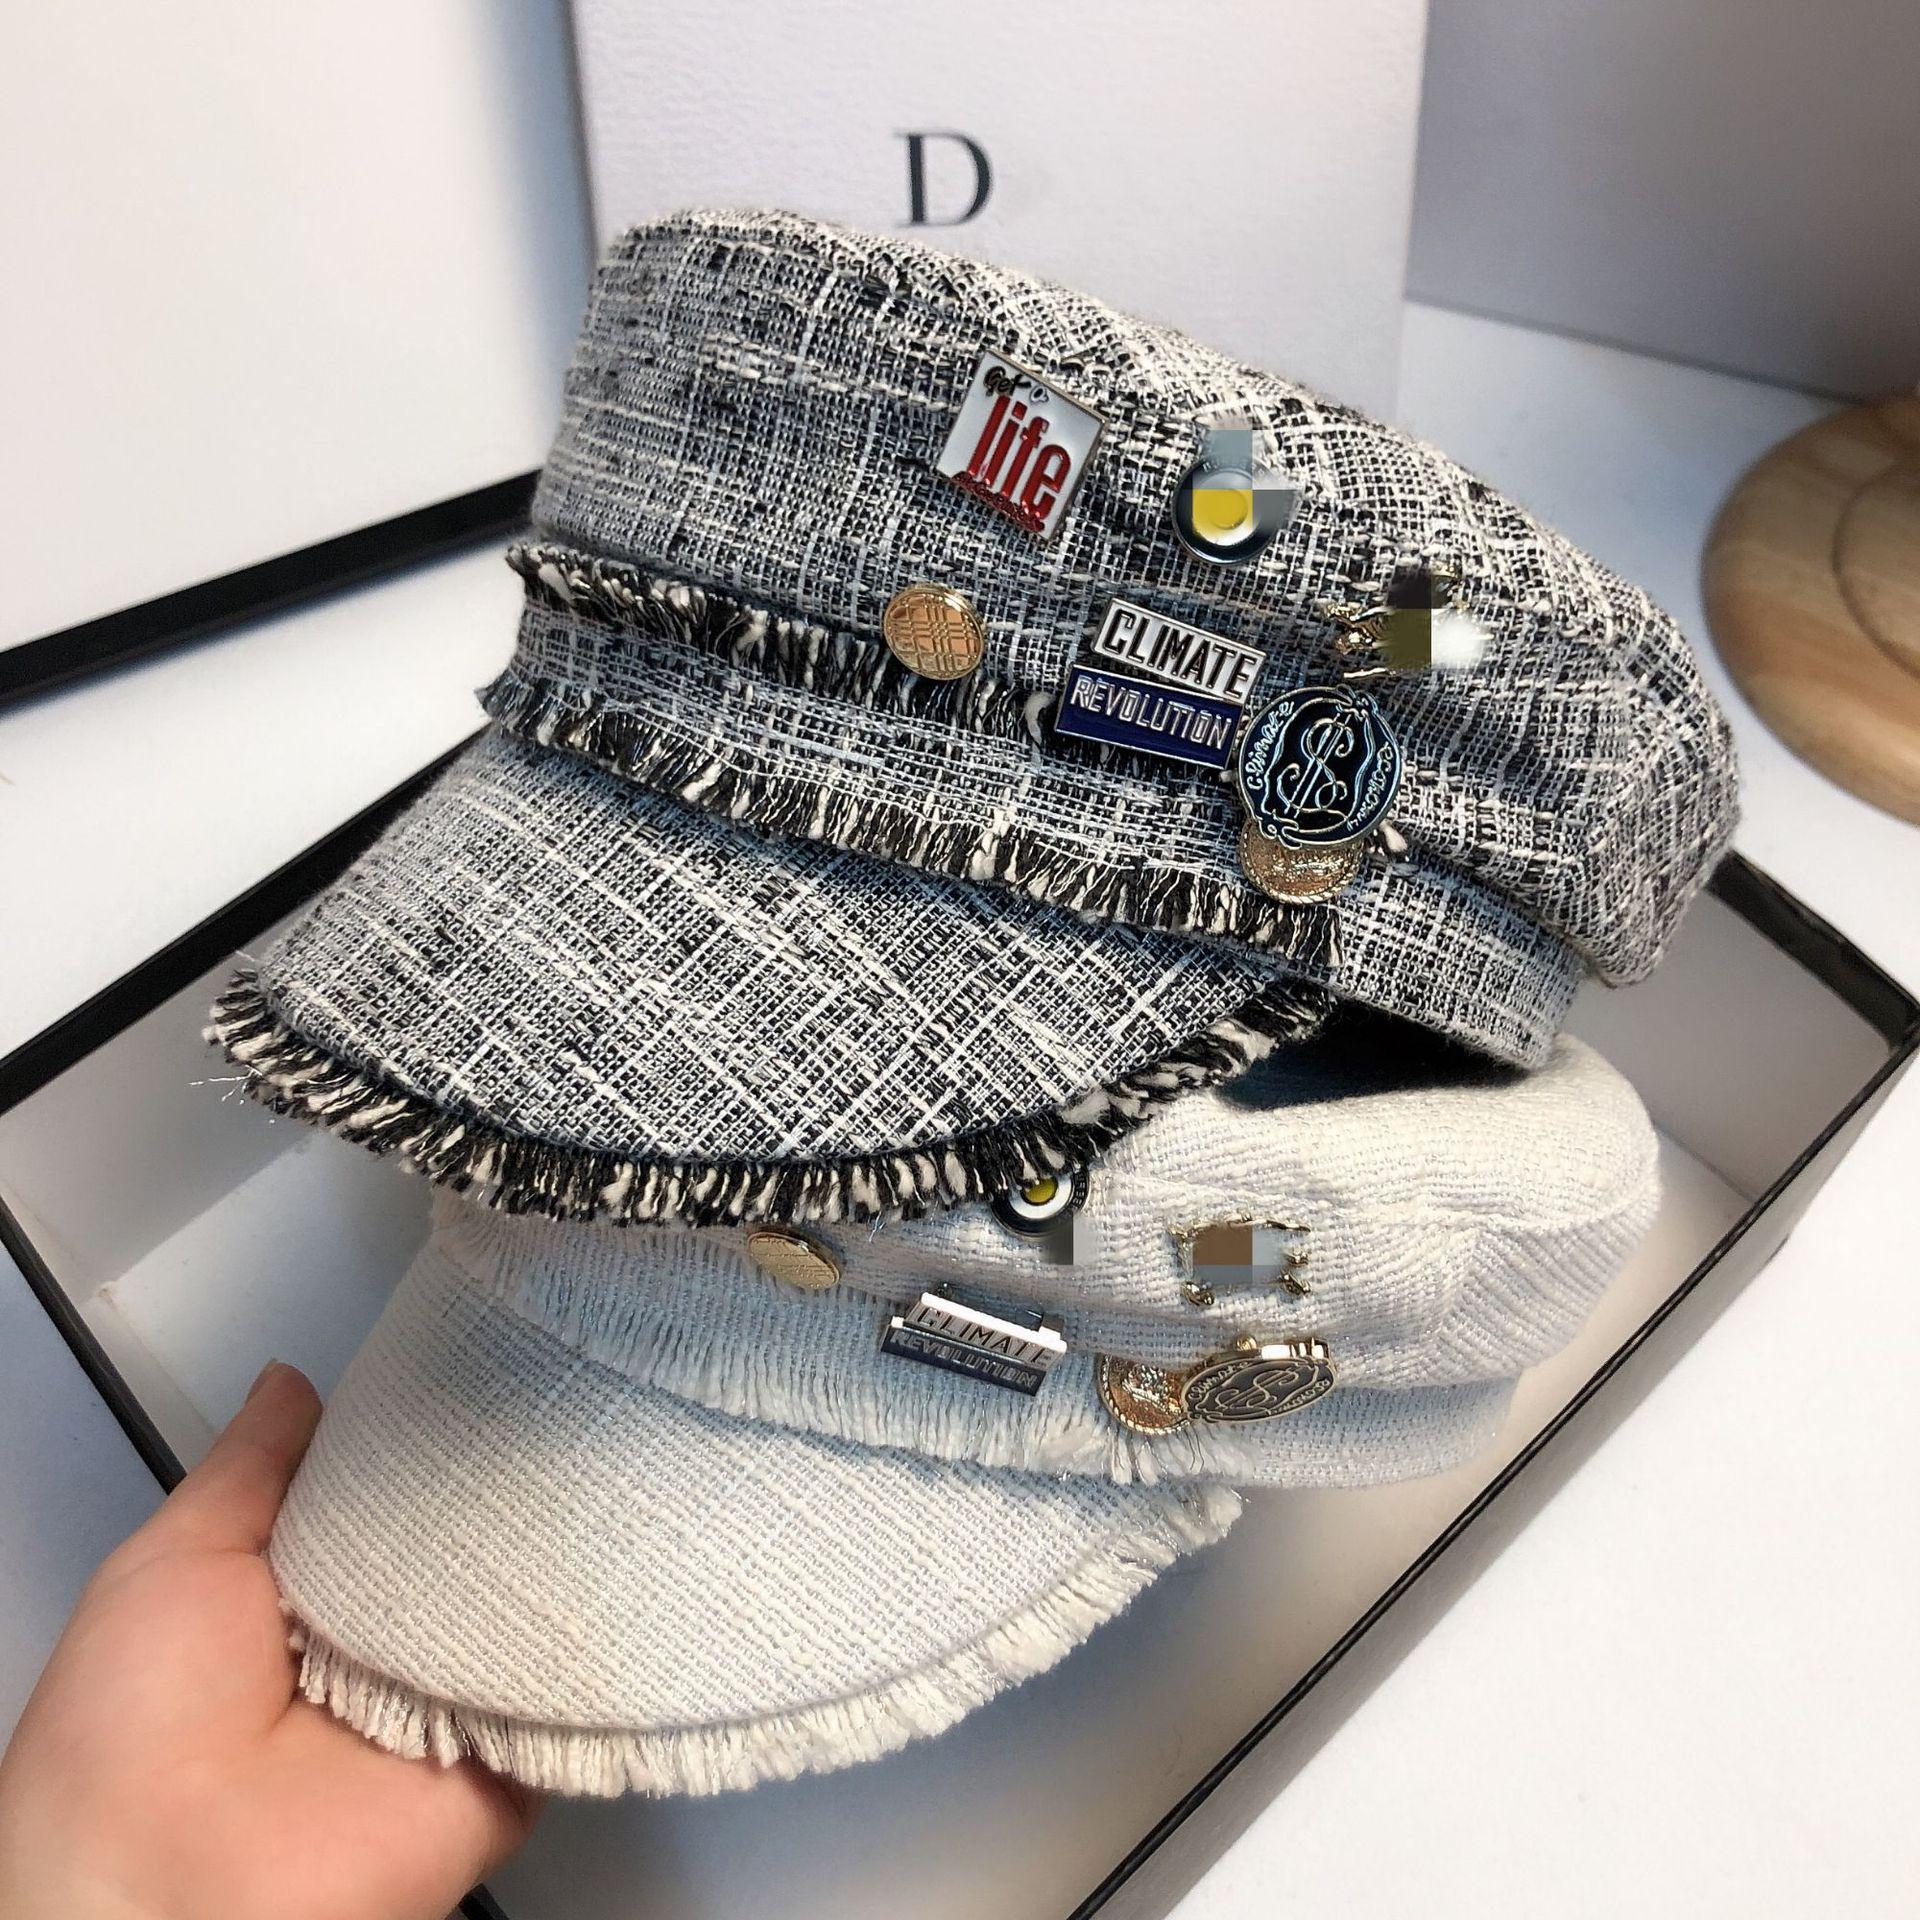 Кепка газетчика JIN-Swhbias Женская, хлопковая шапка в клетку, с плоским верхом, восьмиугольная, с металлической кисточкой, тёмно-синяя, осень 2020